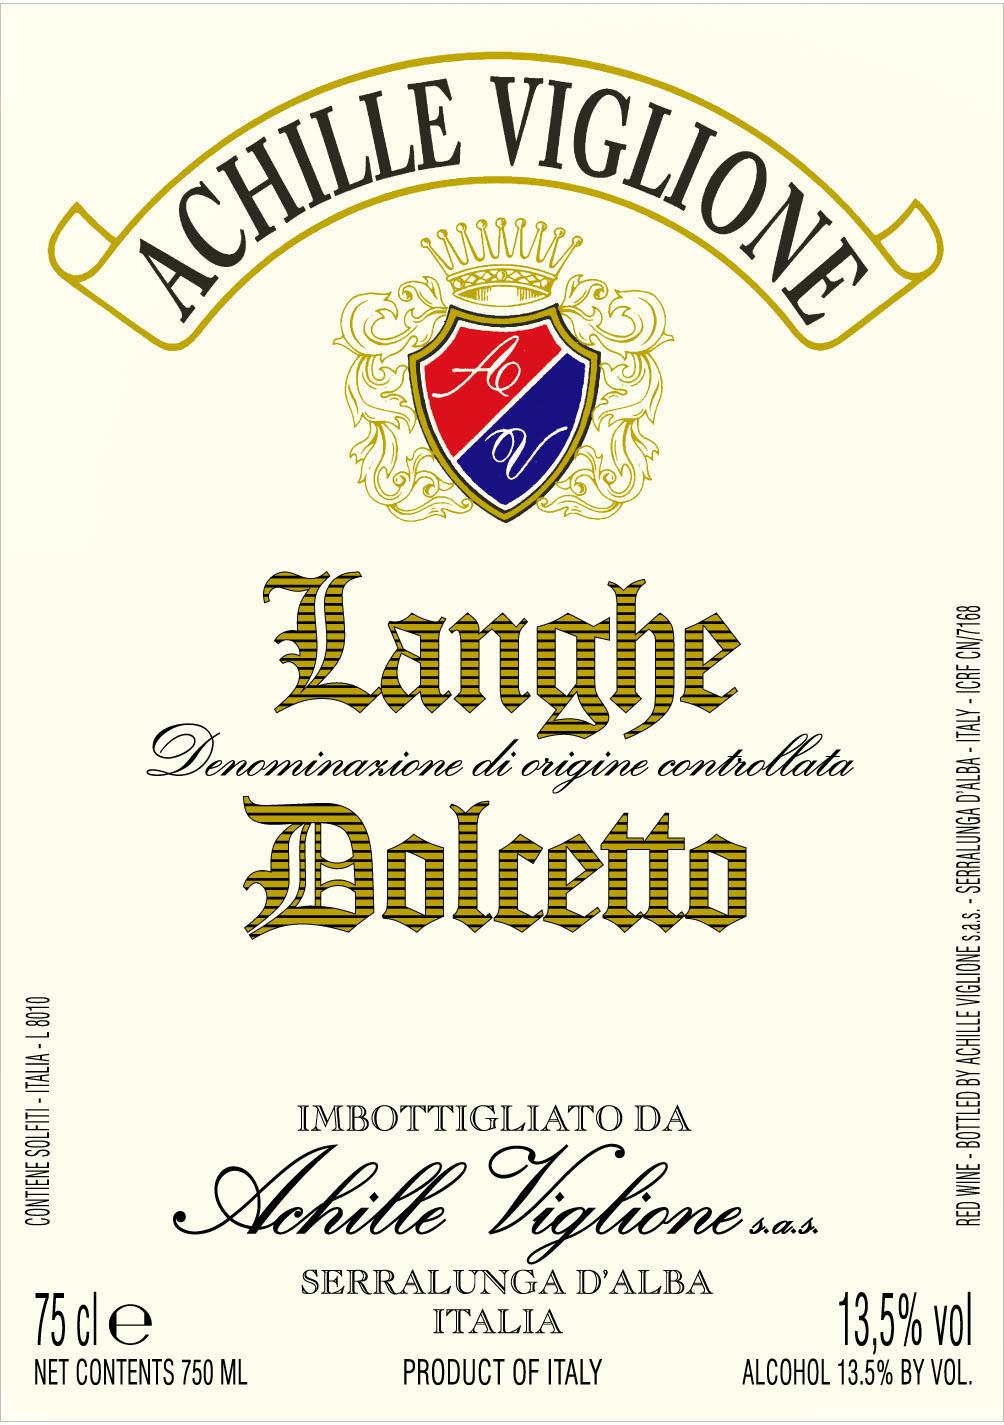 Etichetta vino rosso Langhe Dolcetto Achille Viglione